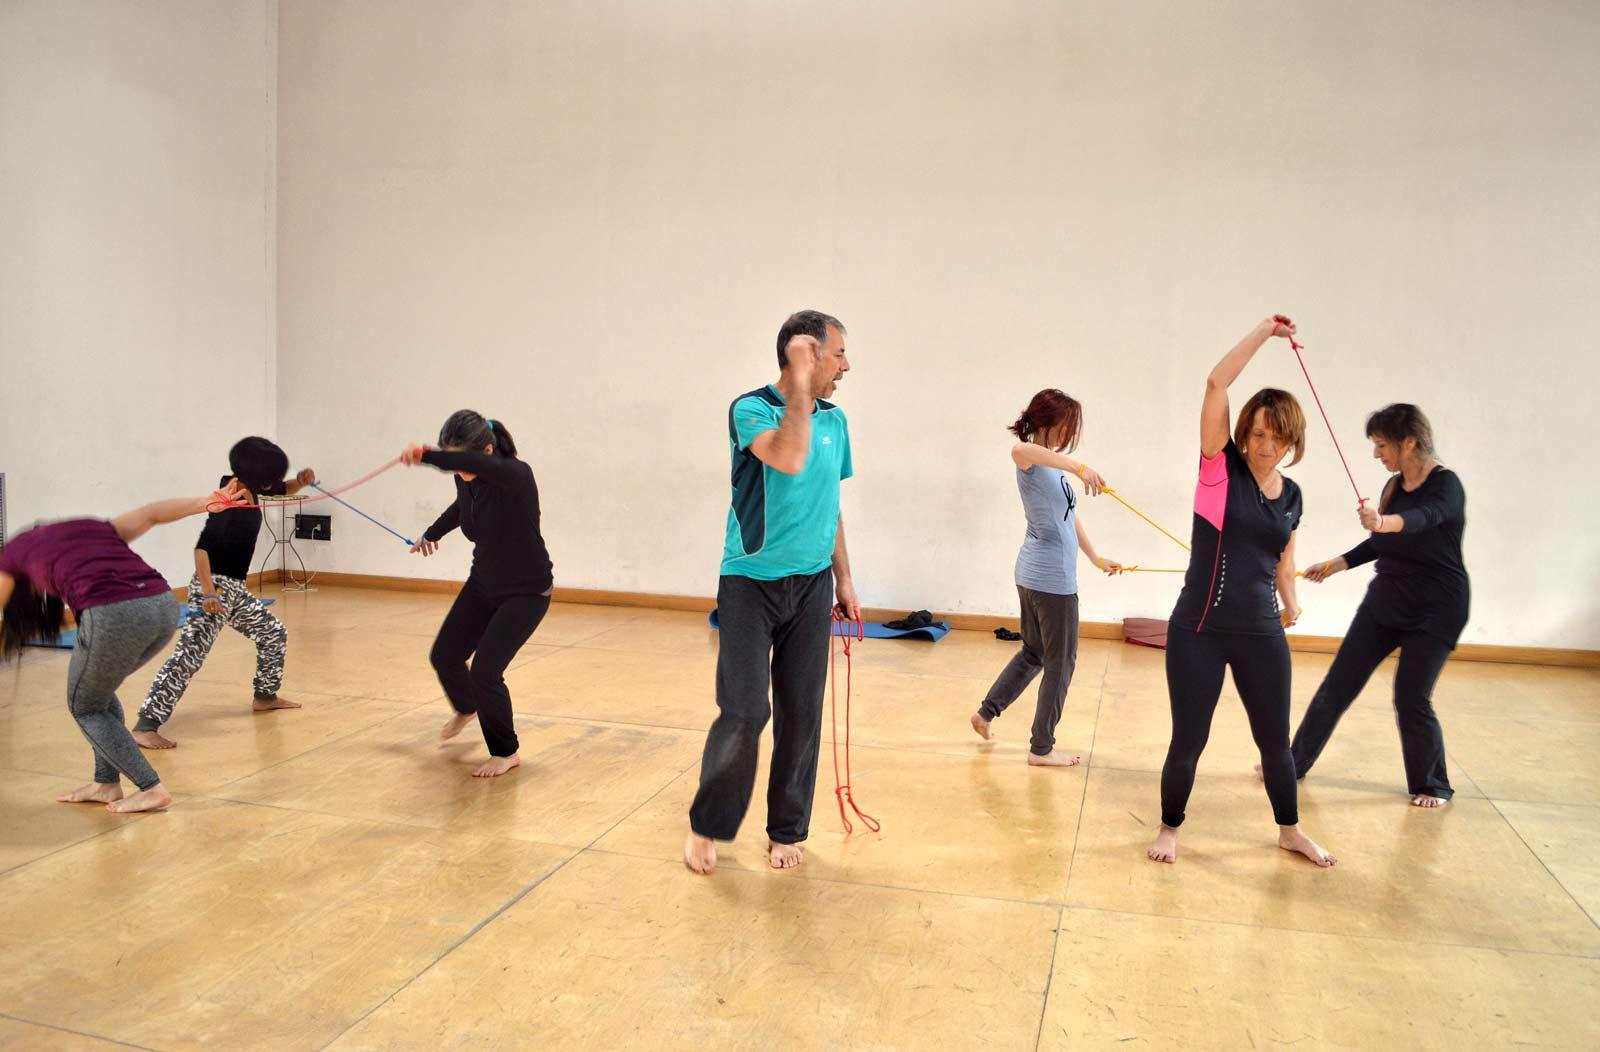 Il corso Ricaricati muovendoti è Stopping Movement Training, musica, divertimento e percezione corporea con il fisioterapista Andrea Gandini a Torino